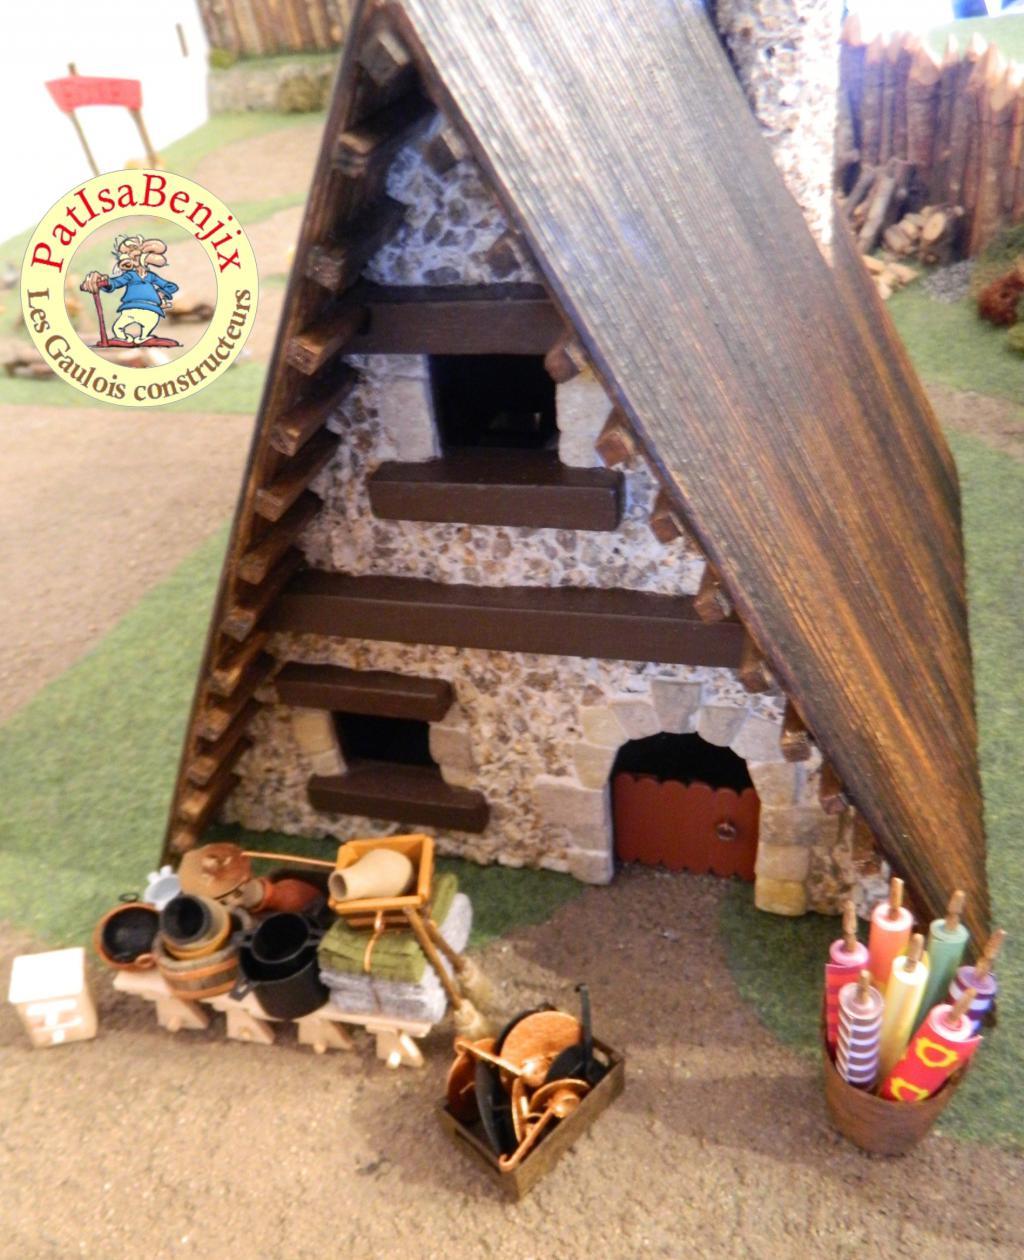 Le Village d'Astérix le Gaulois en maquette au 1/40 - Page 16 Dscn9993-49a5cea